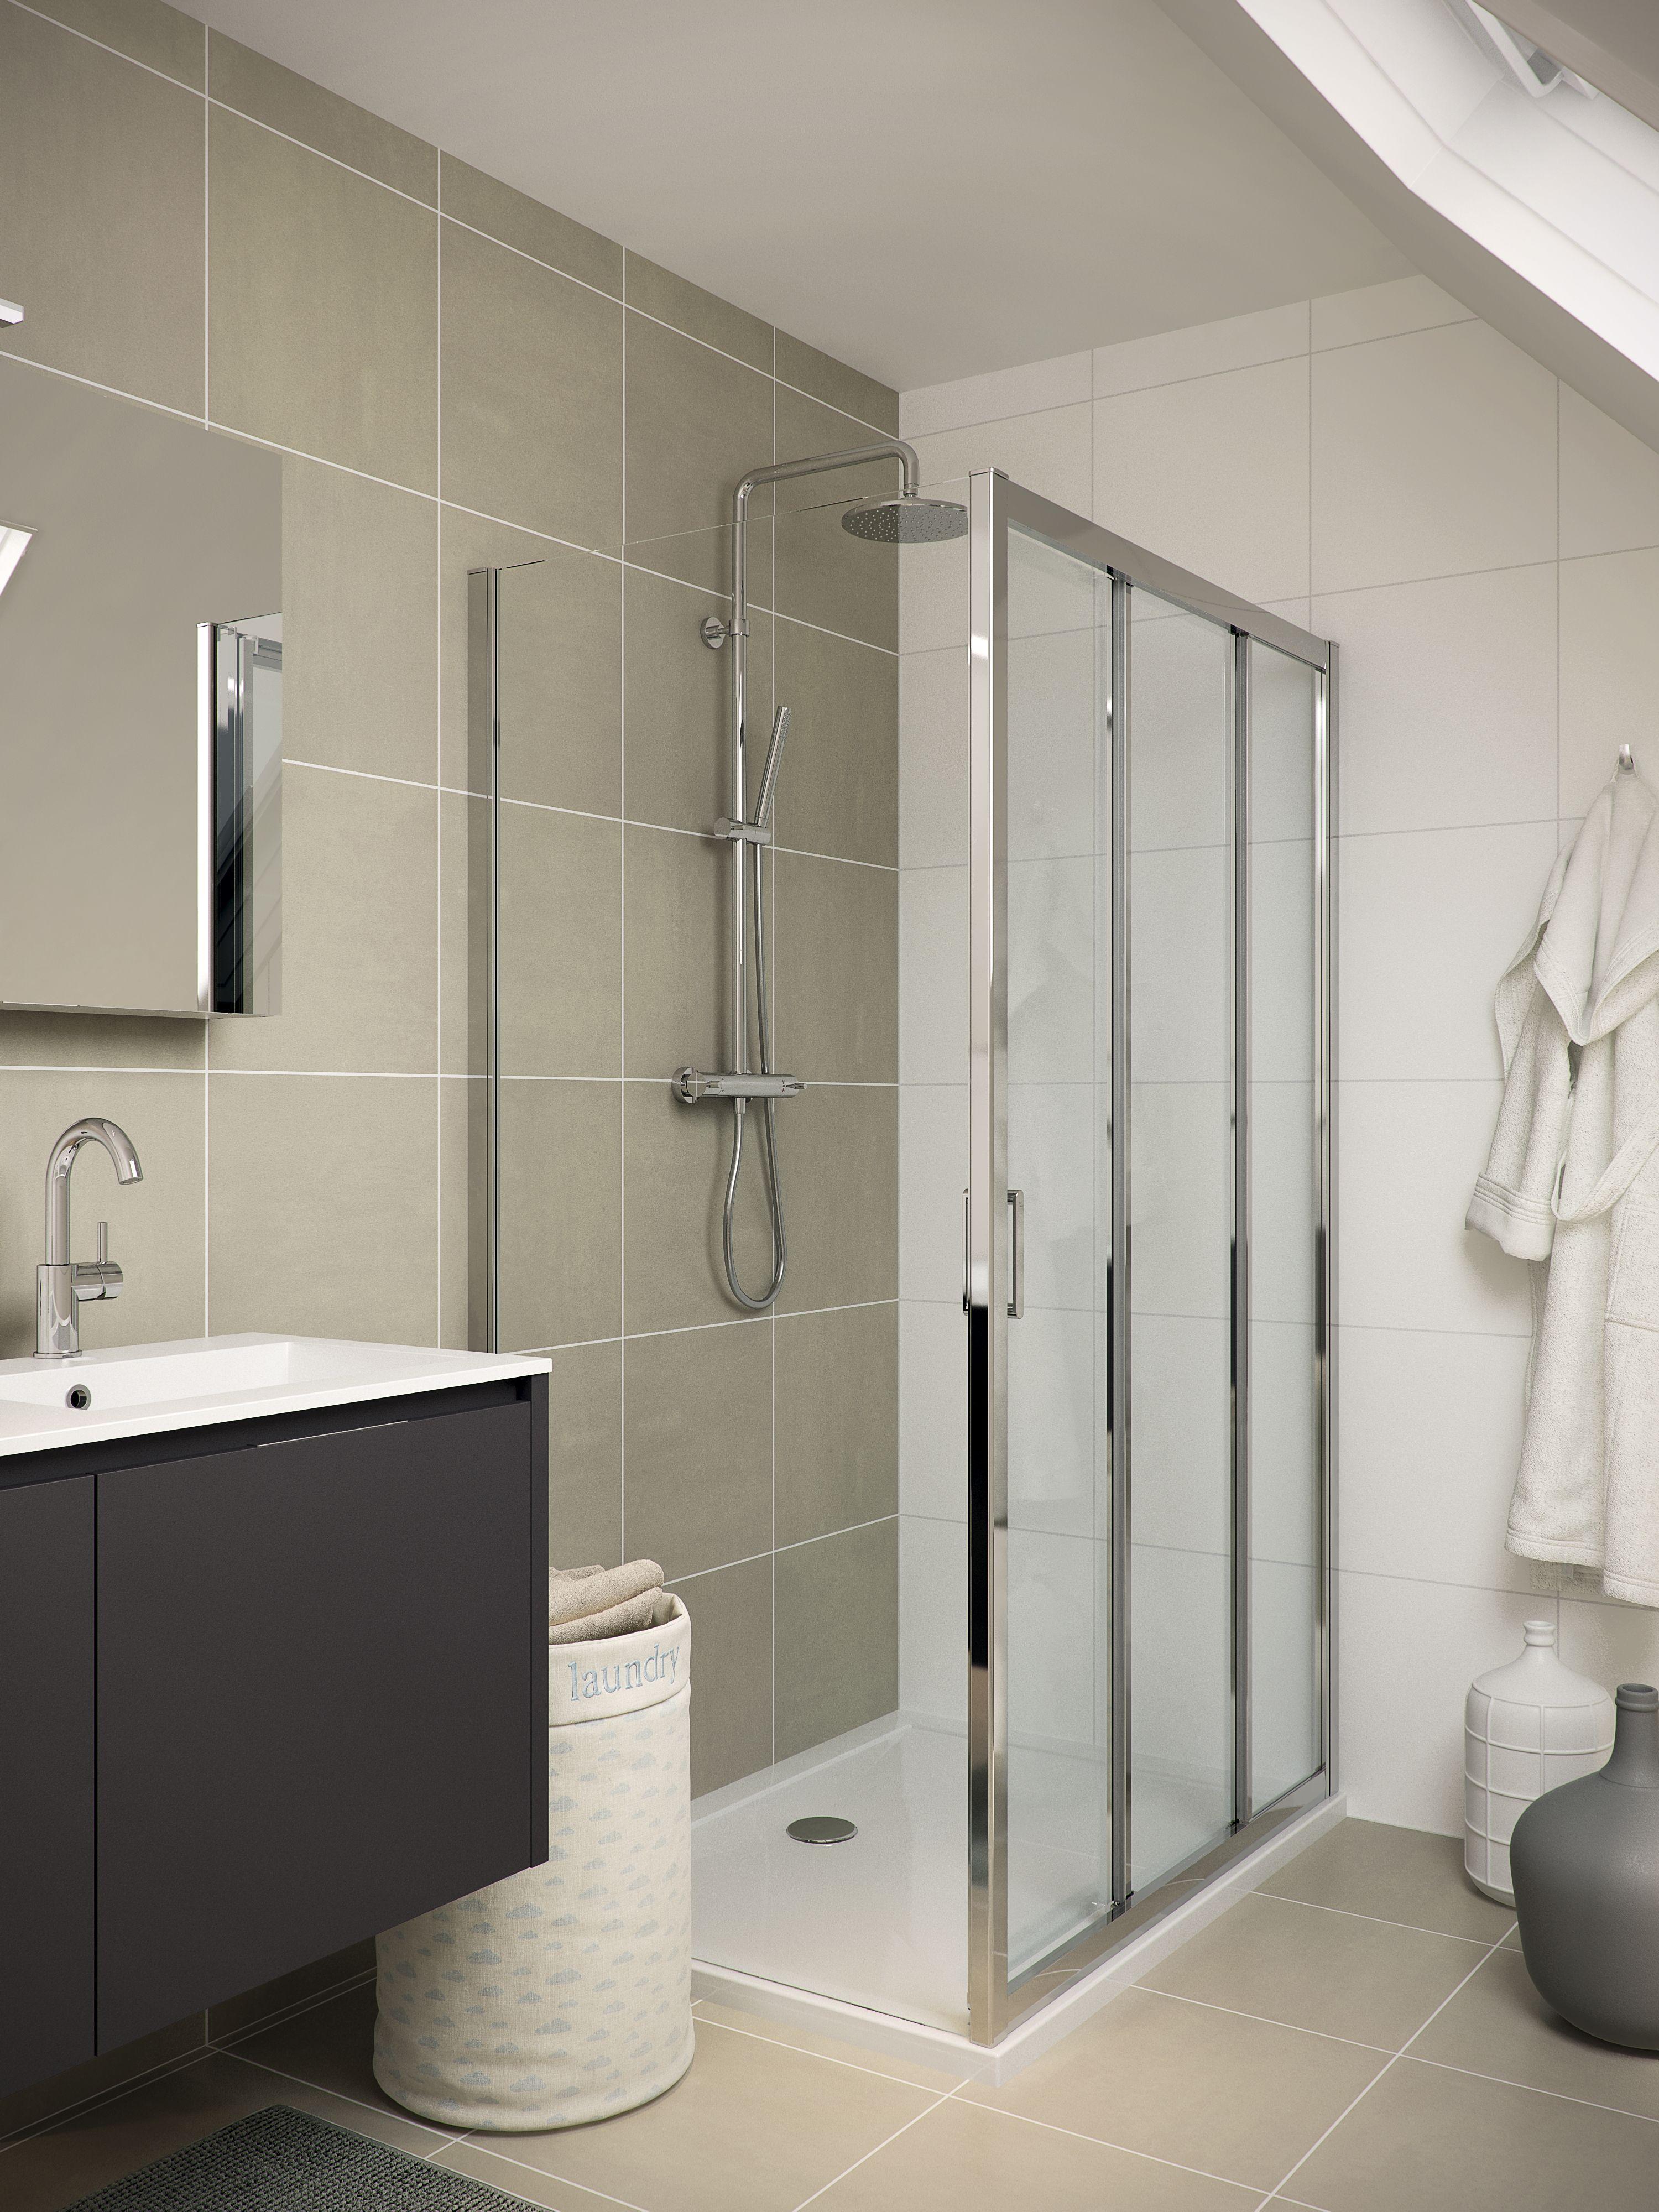 bruynzeel cilo douchecabine 3 delig badkamer idee salle de